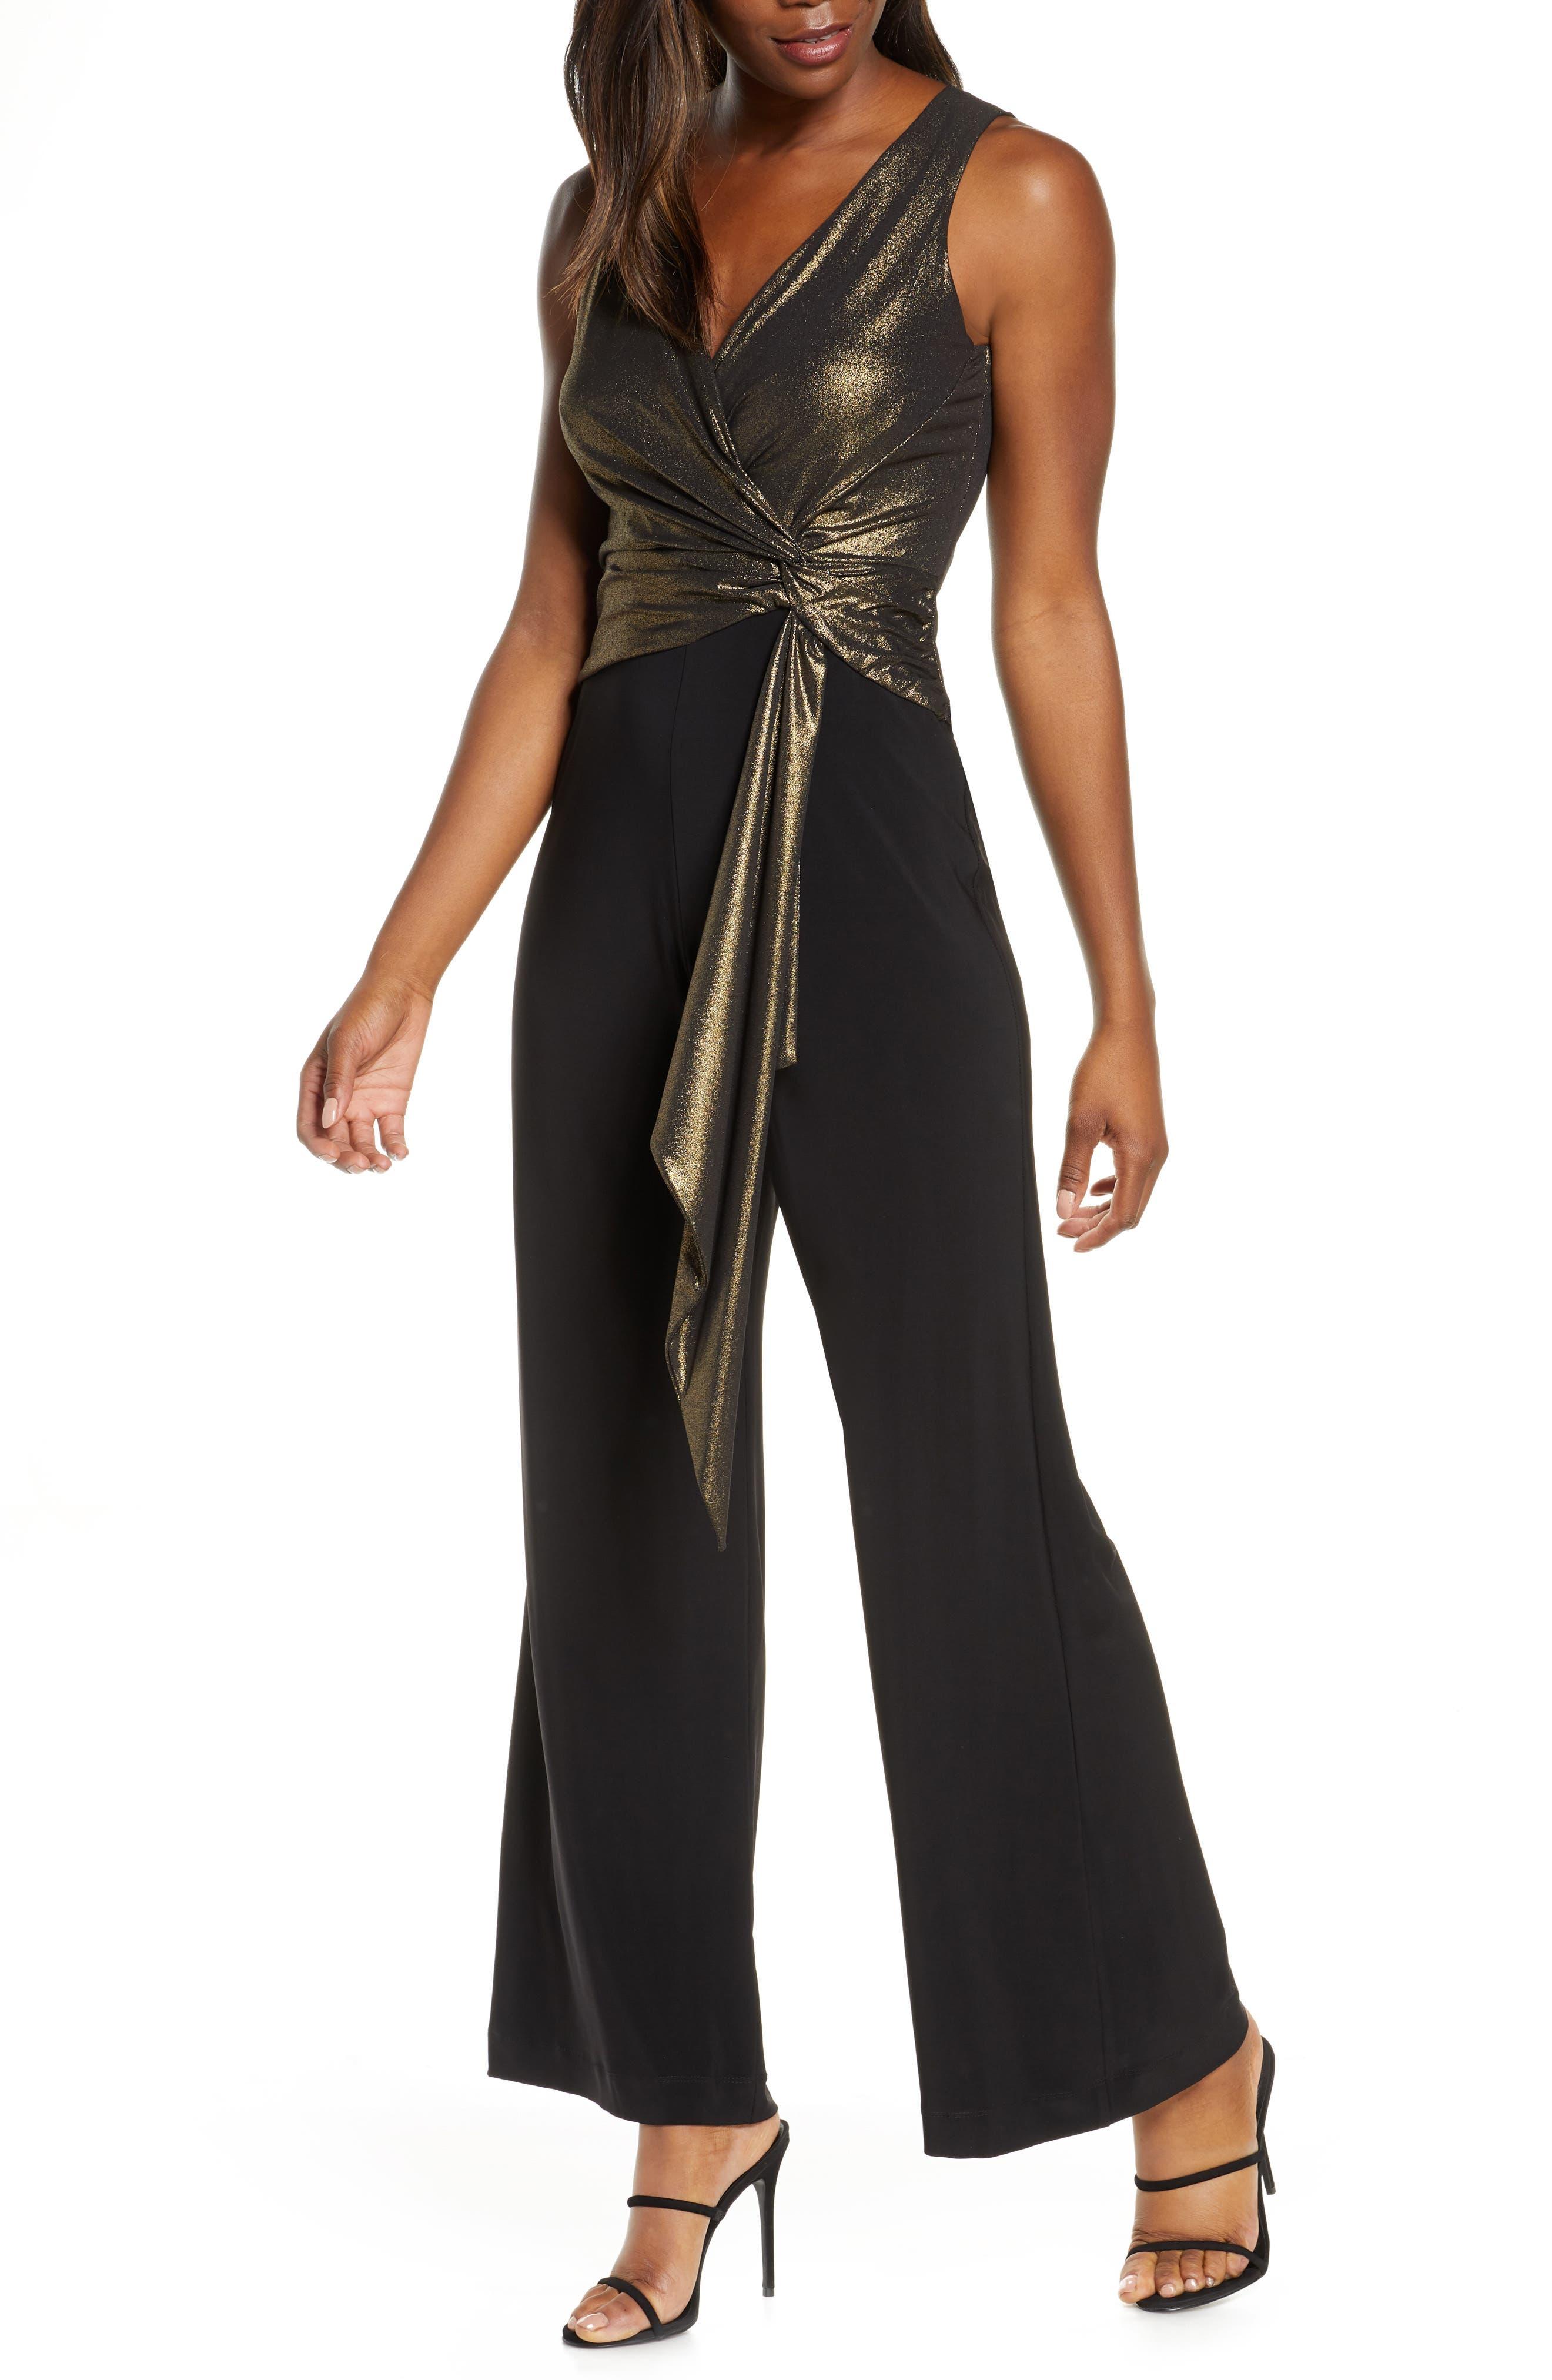 70s Jumpsuit   Disco Jumpsuits – Sequin, Striped, Gold, White, Black Womens Taylor Dresses Metallic Bodice Mix Media Faux Wrap Jumpsuit $139.00 AT vintagedancer.com